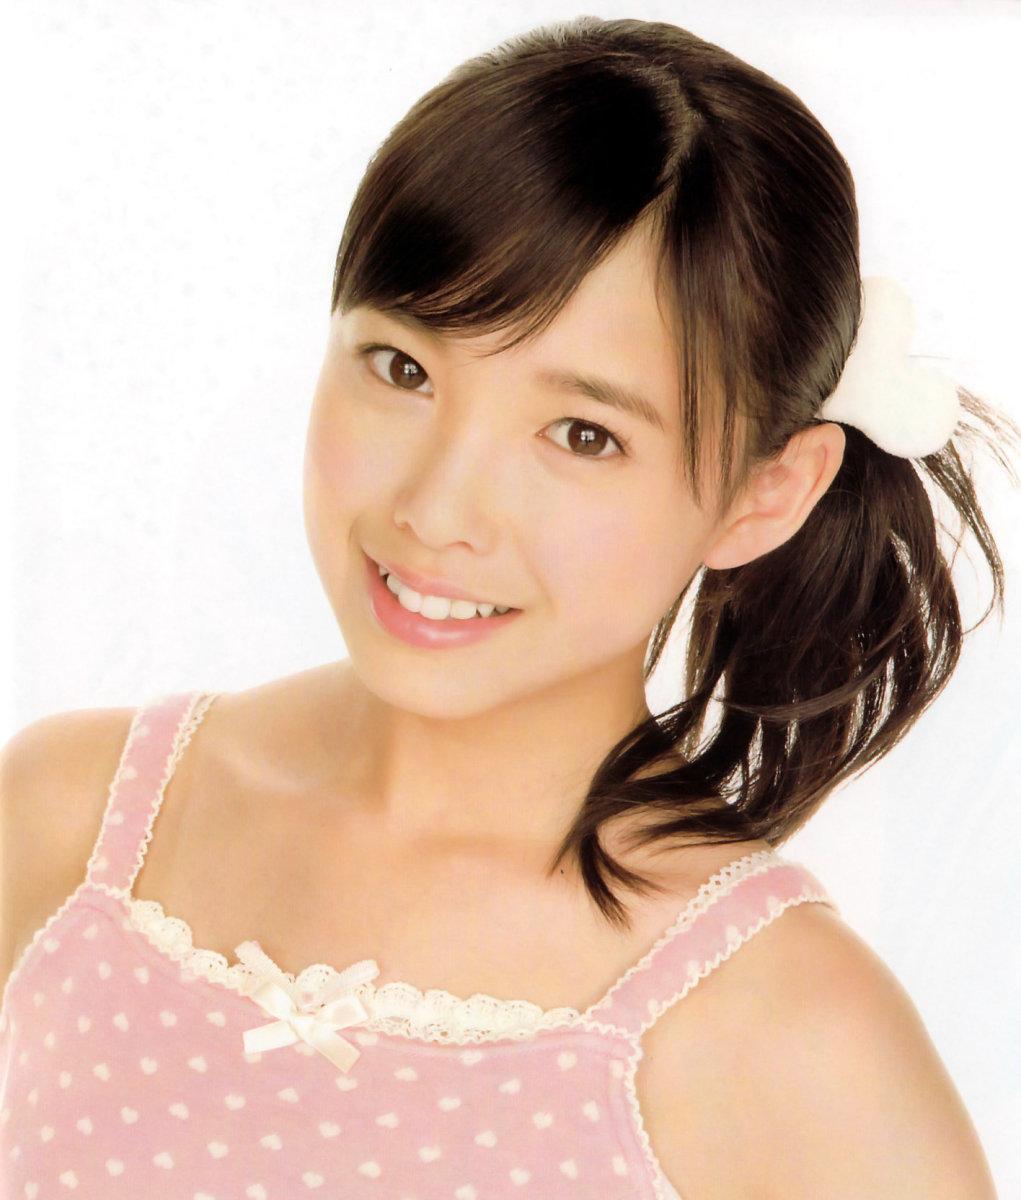 A Tribute To Saki Nakajima In Photos-Member of Girl Group C-ute